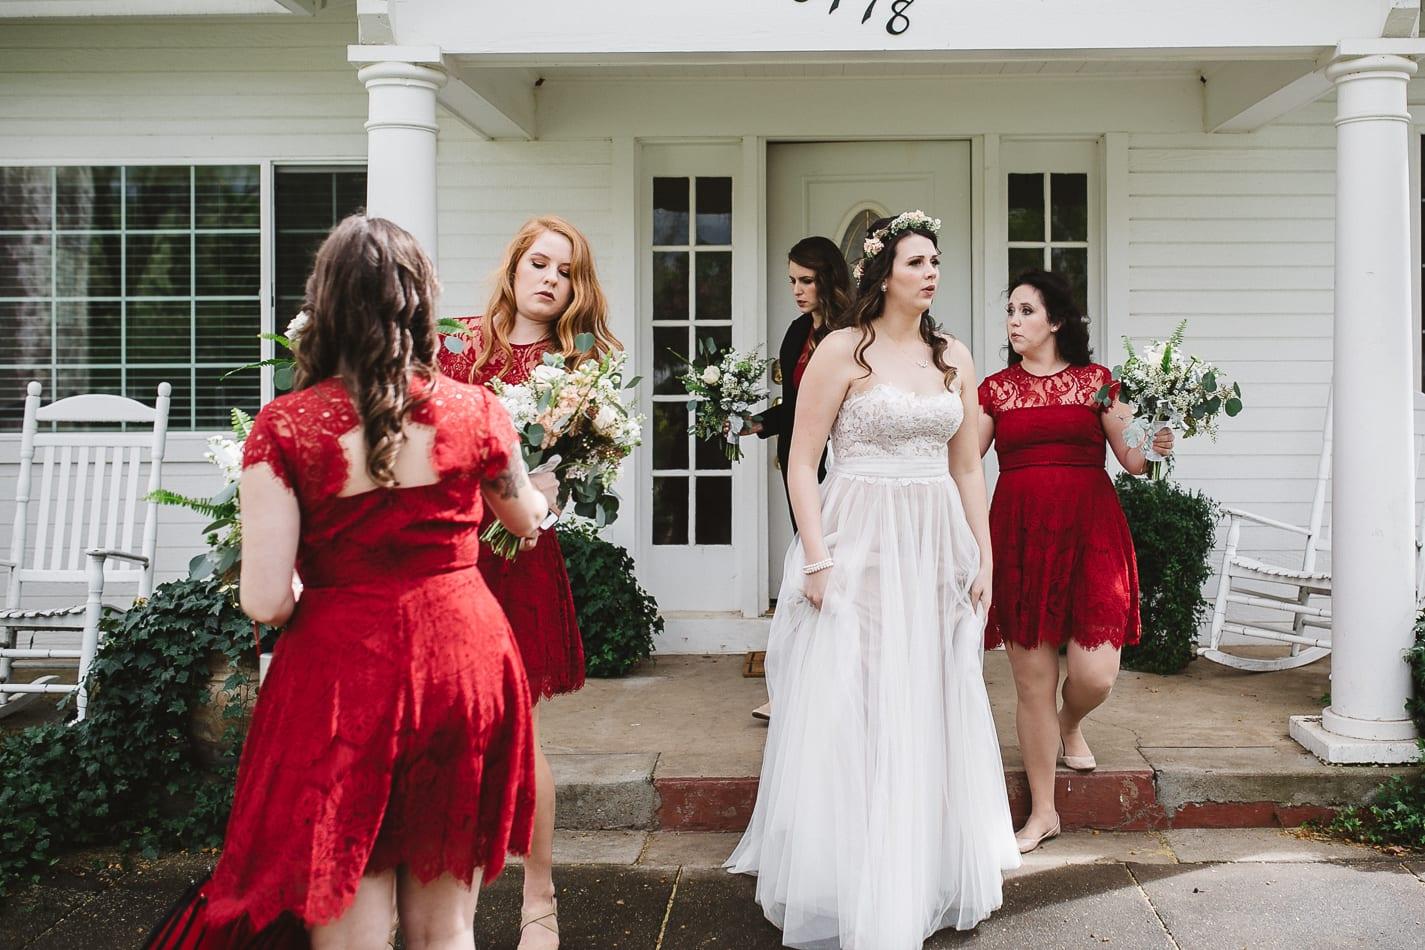 gover-ranch-redding-california-wedding-photographer-90